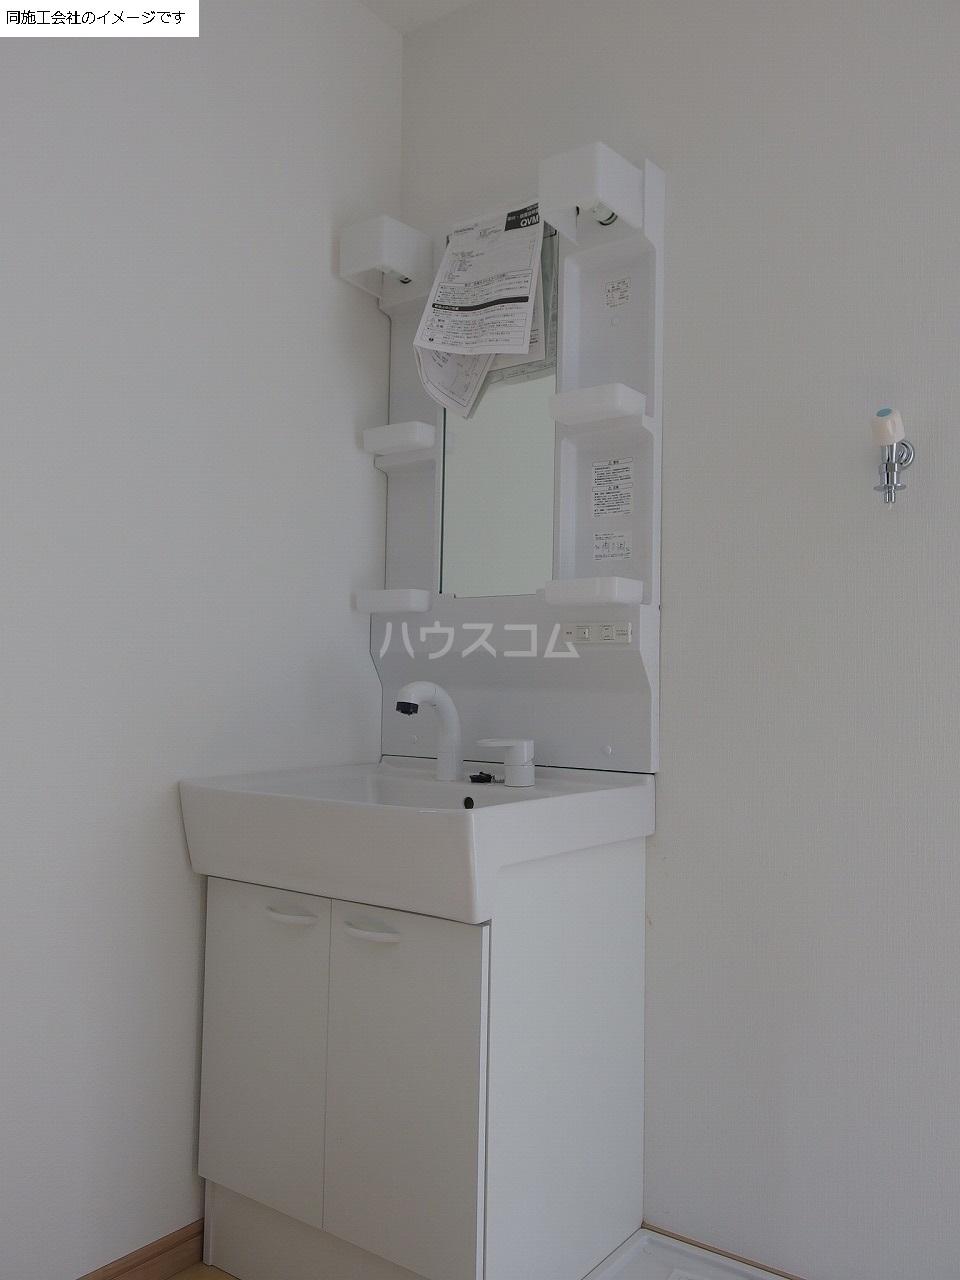 ドーム多摩 P棟 206号室の洗面所